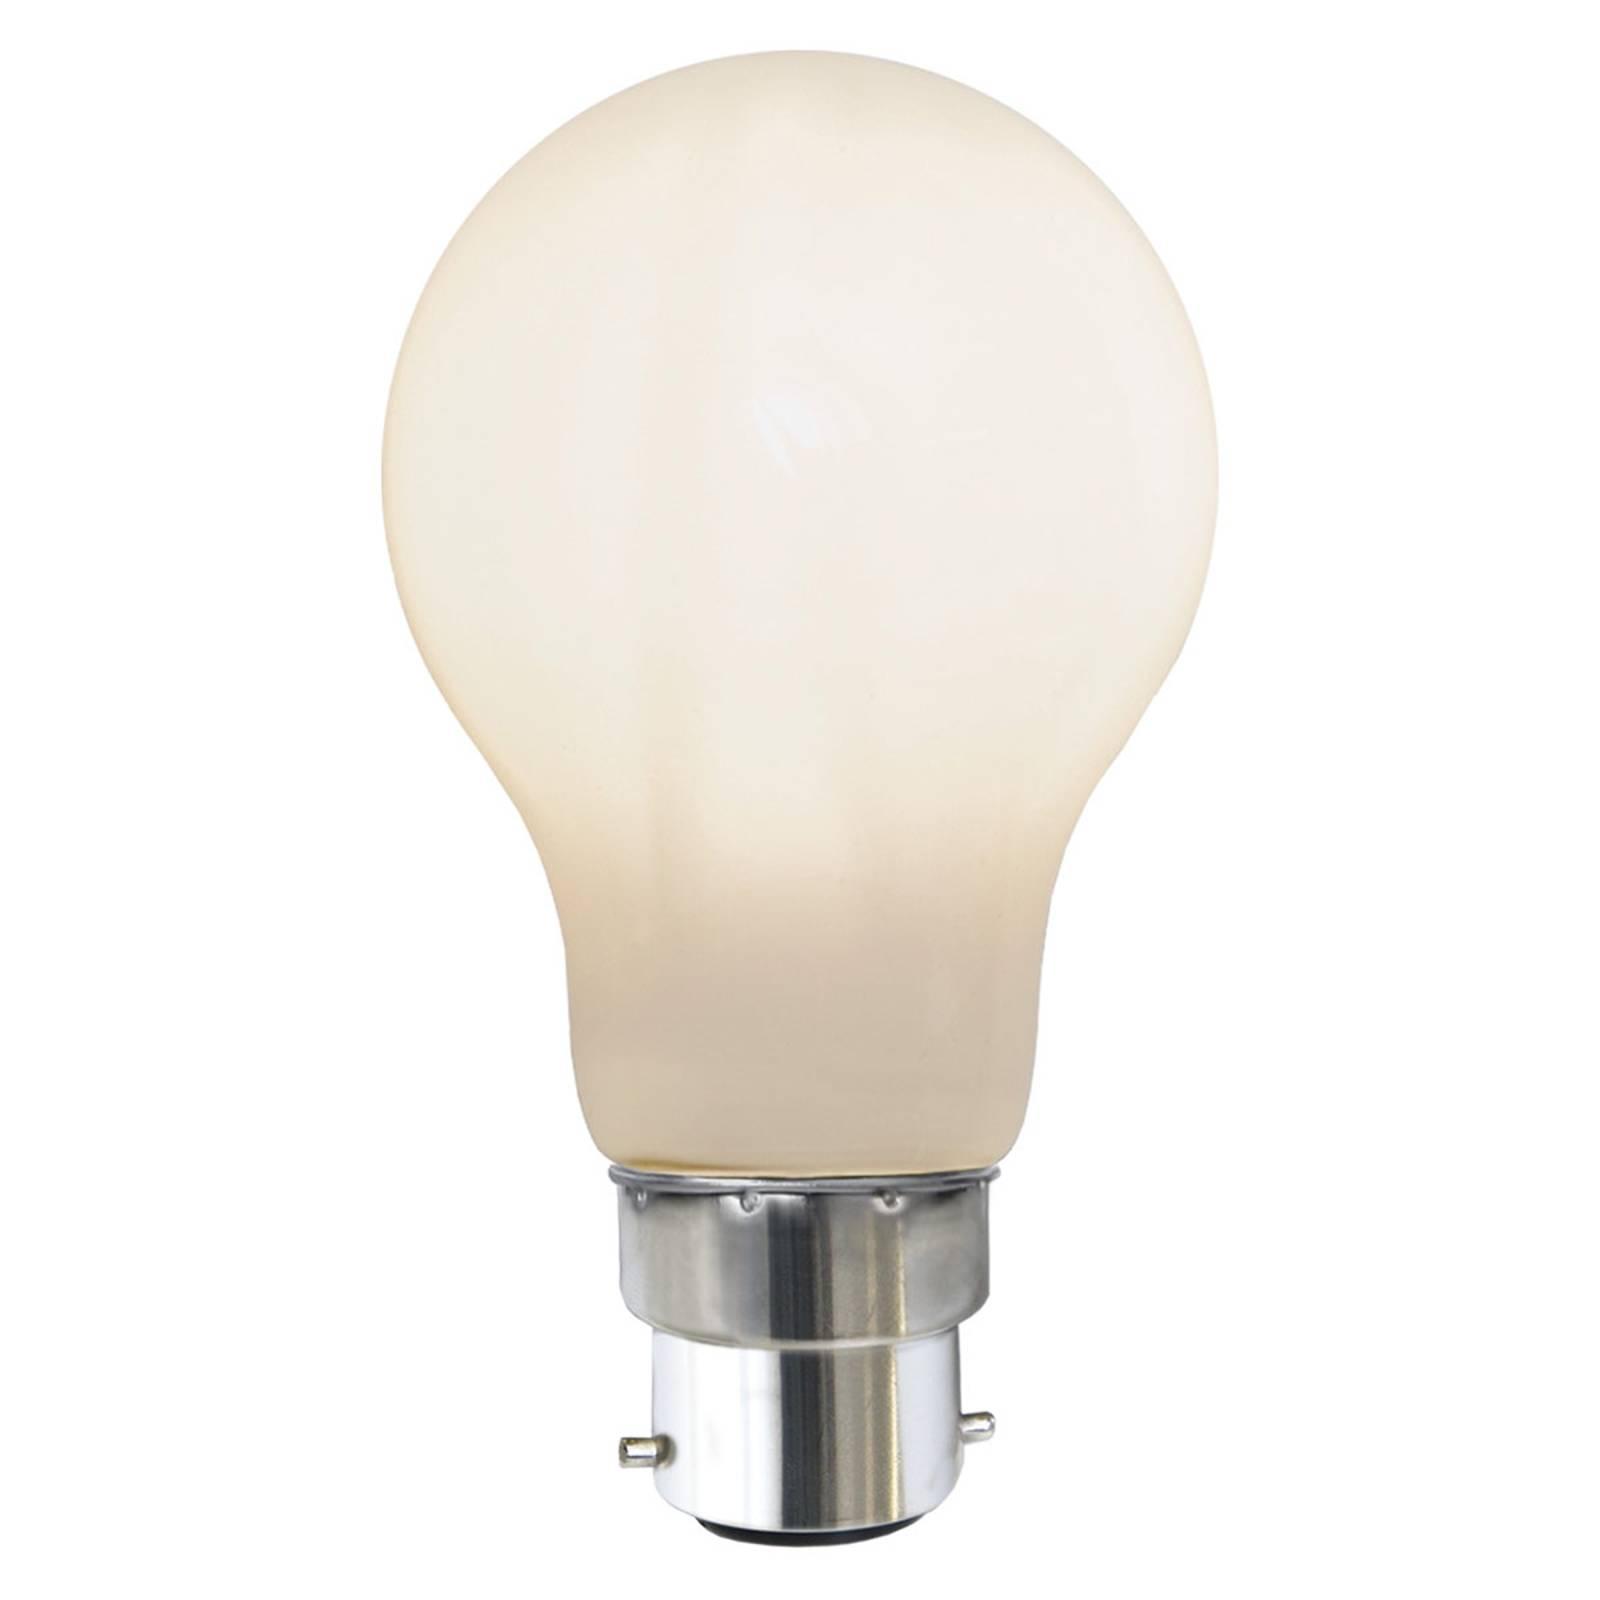 LED-lamppu B22 7,5W 2 700 K Ra90 opaali